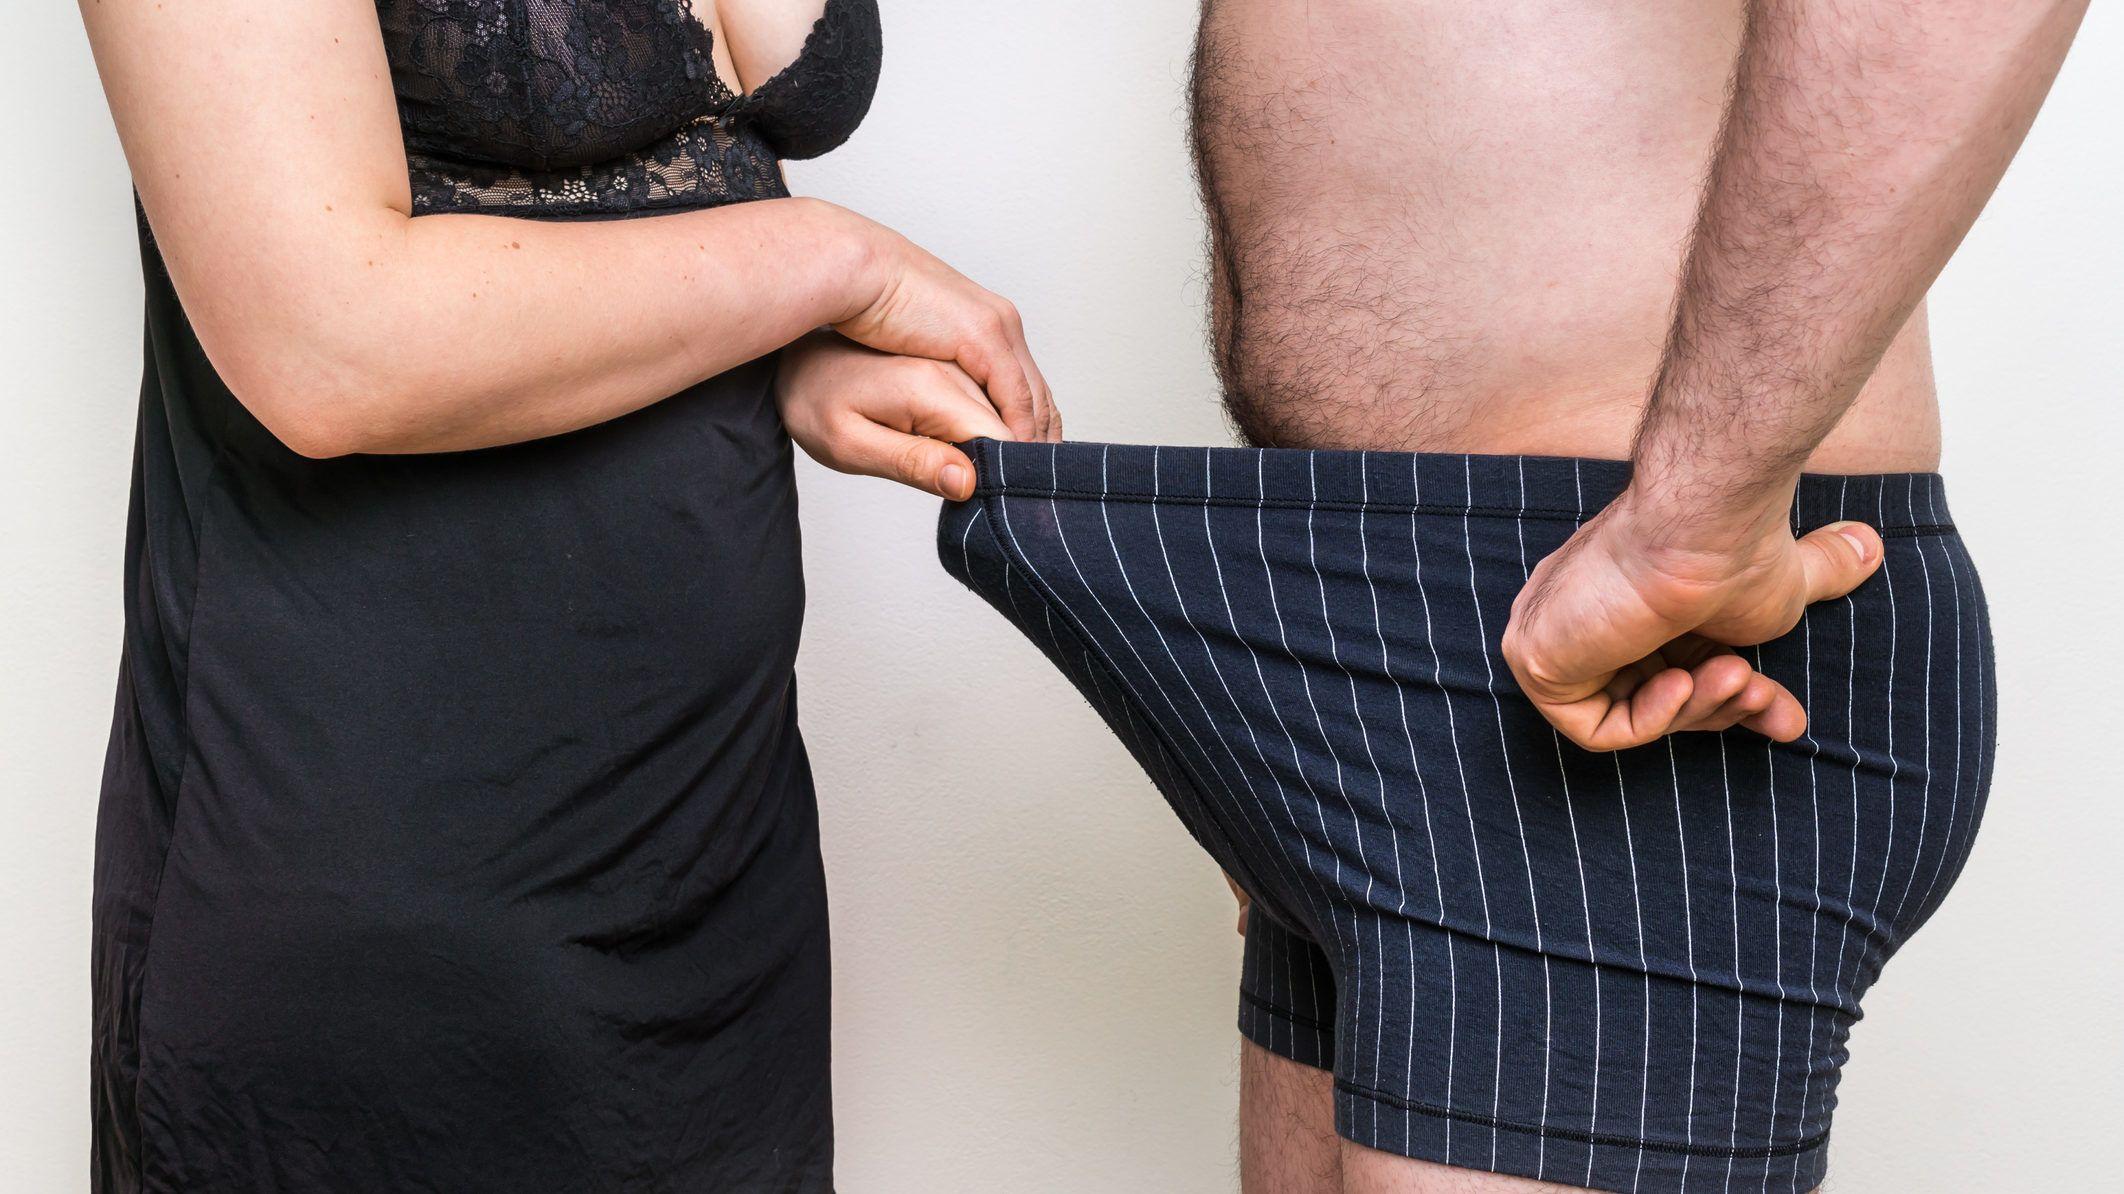 mennyi a pénisz normál mérete